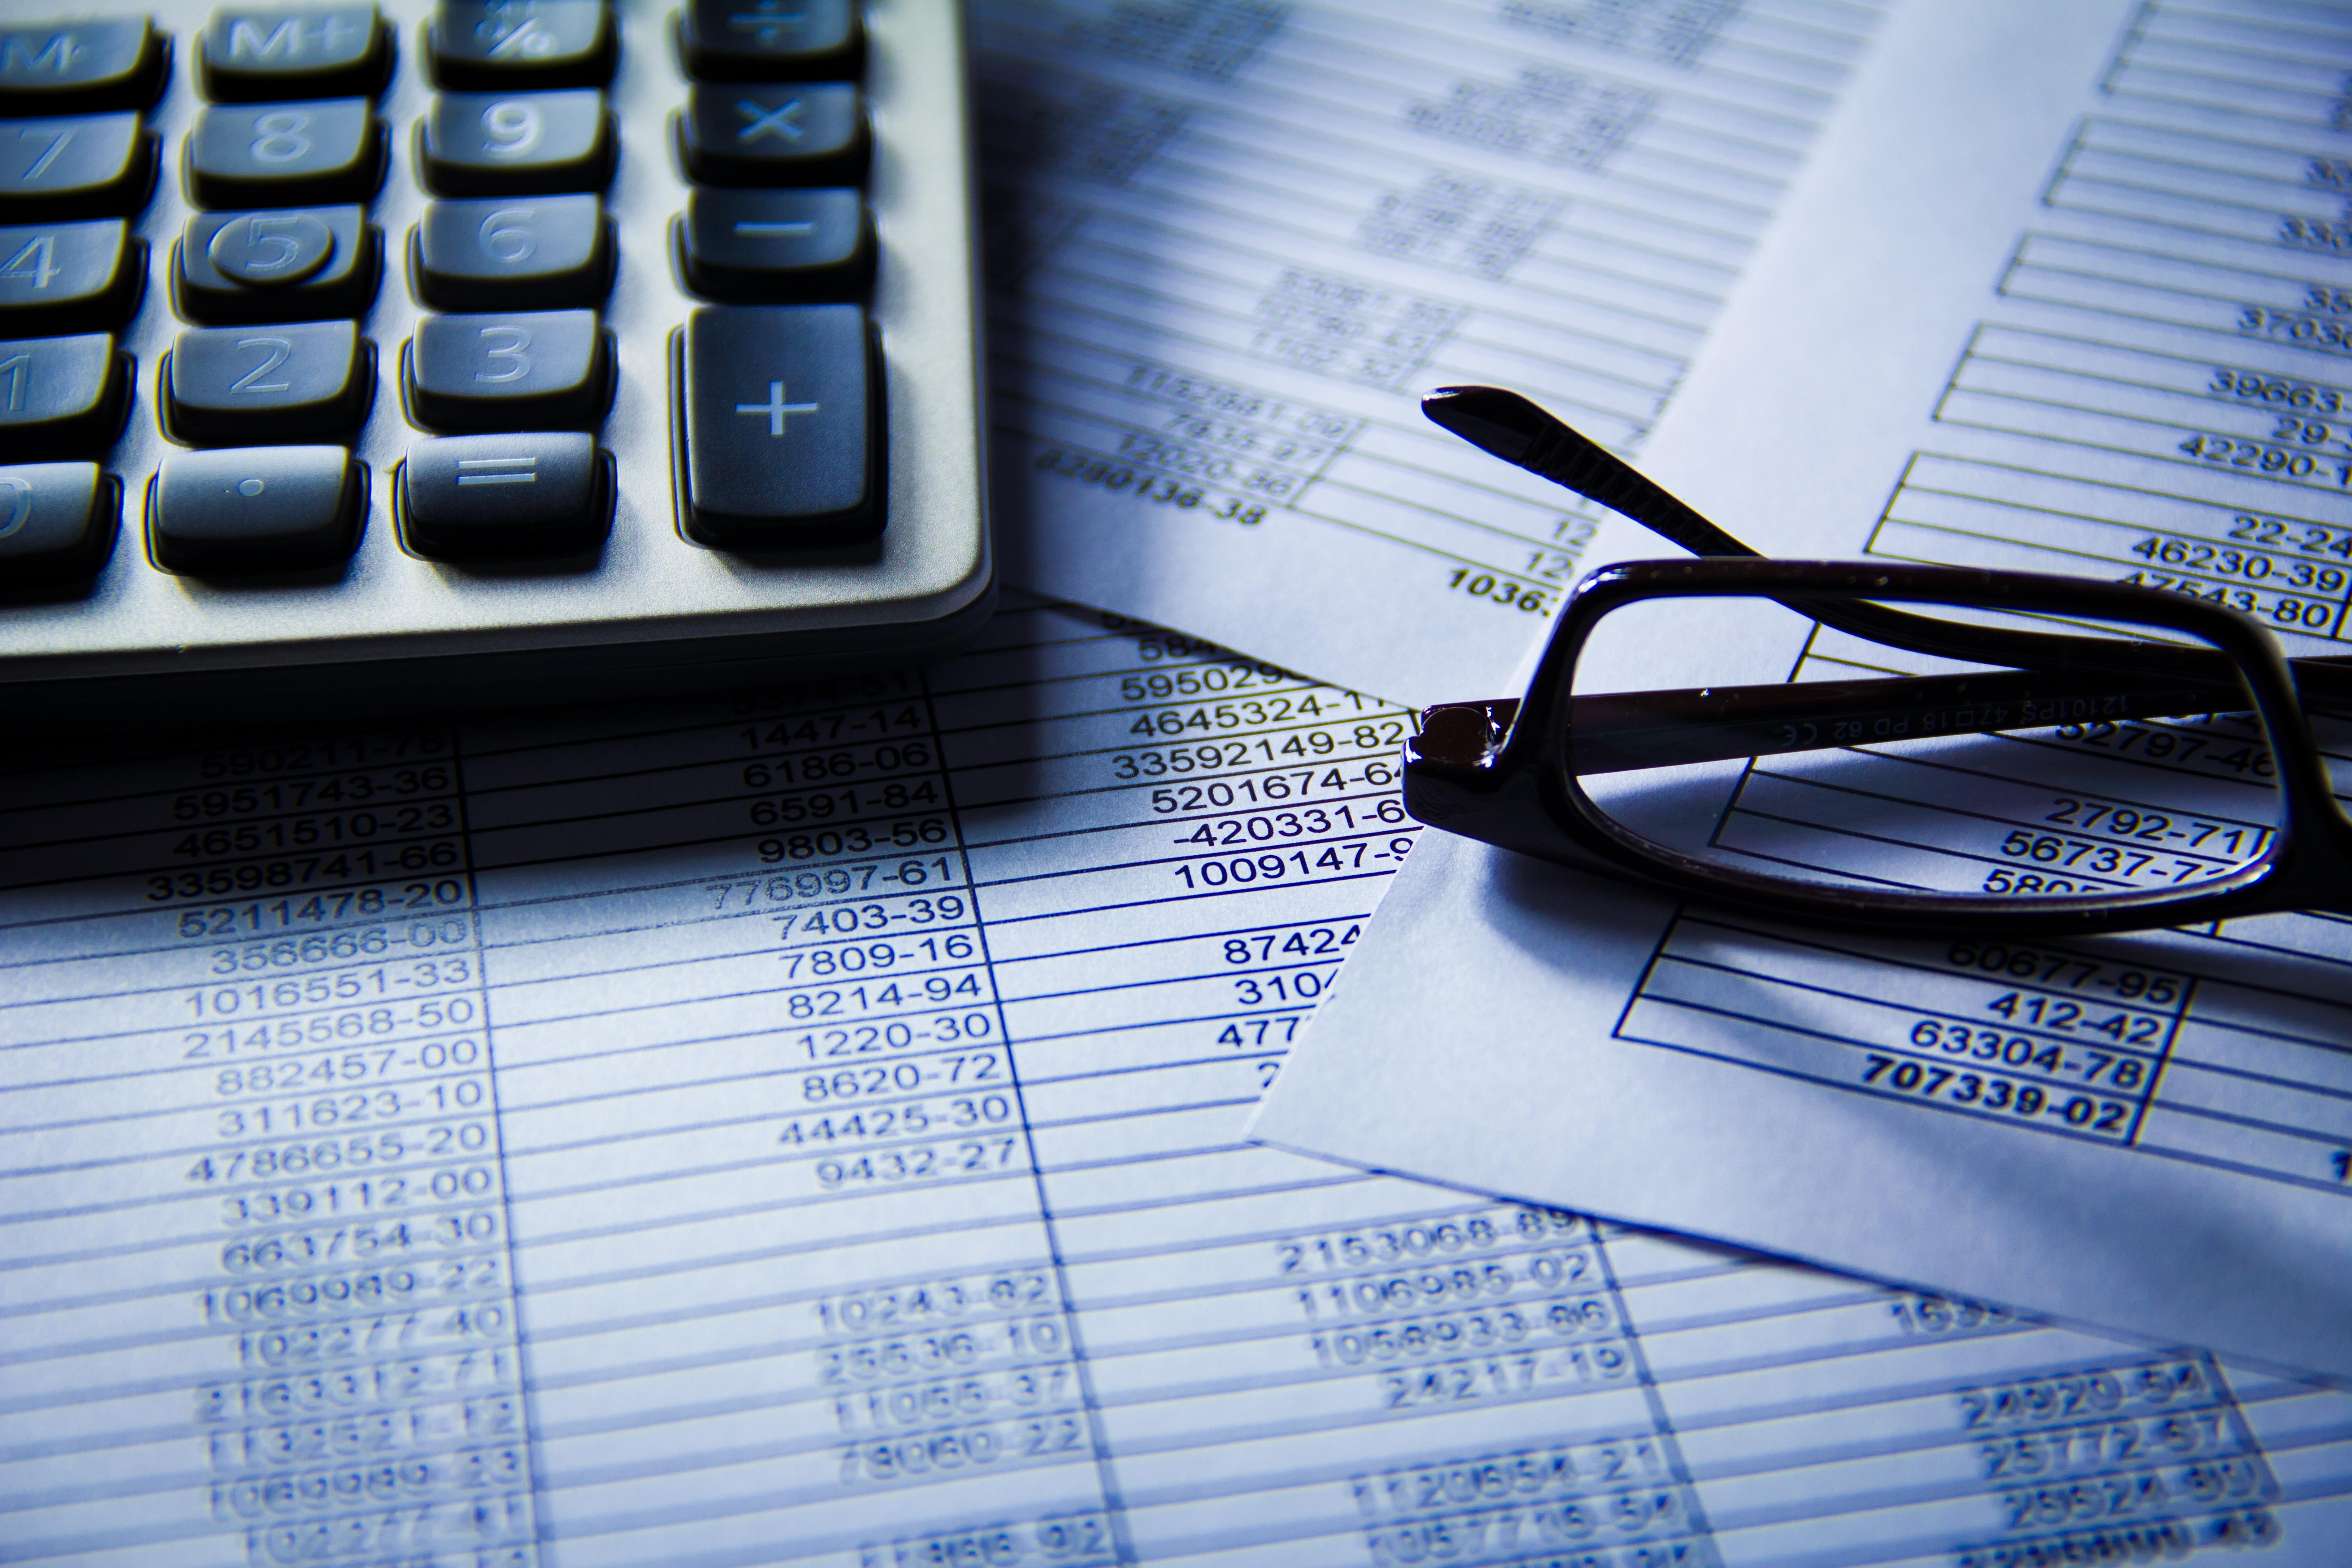 Pénzügyi ügyintéző Tanfolyam - OKJ Képzés